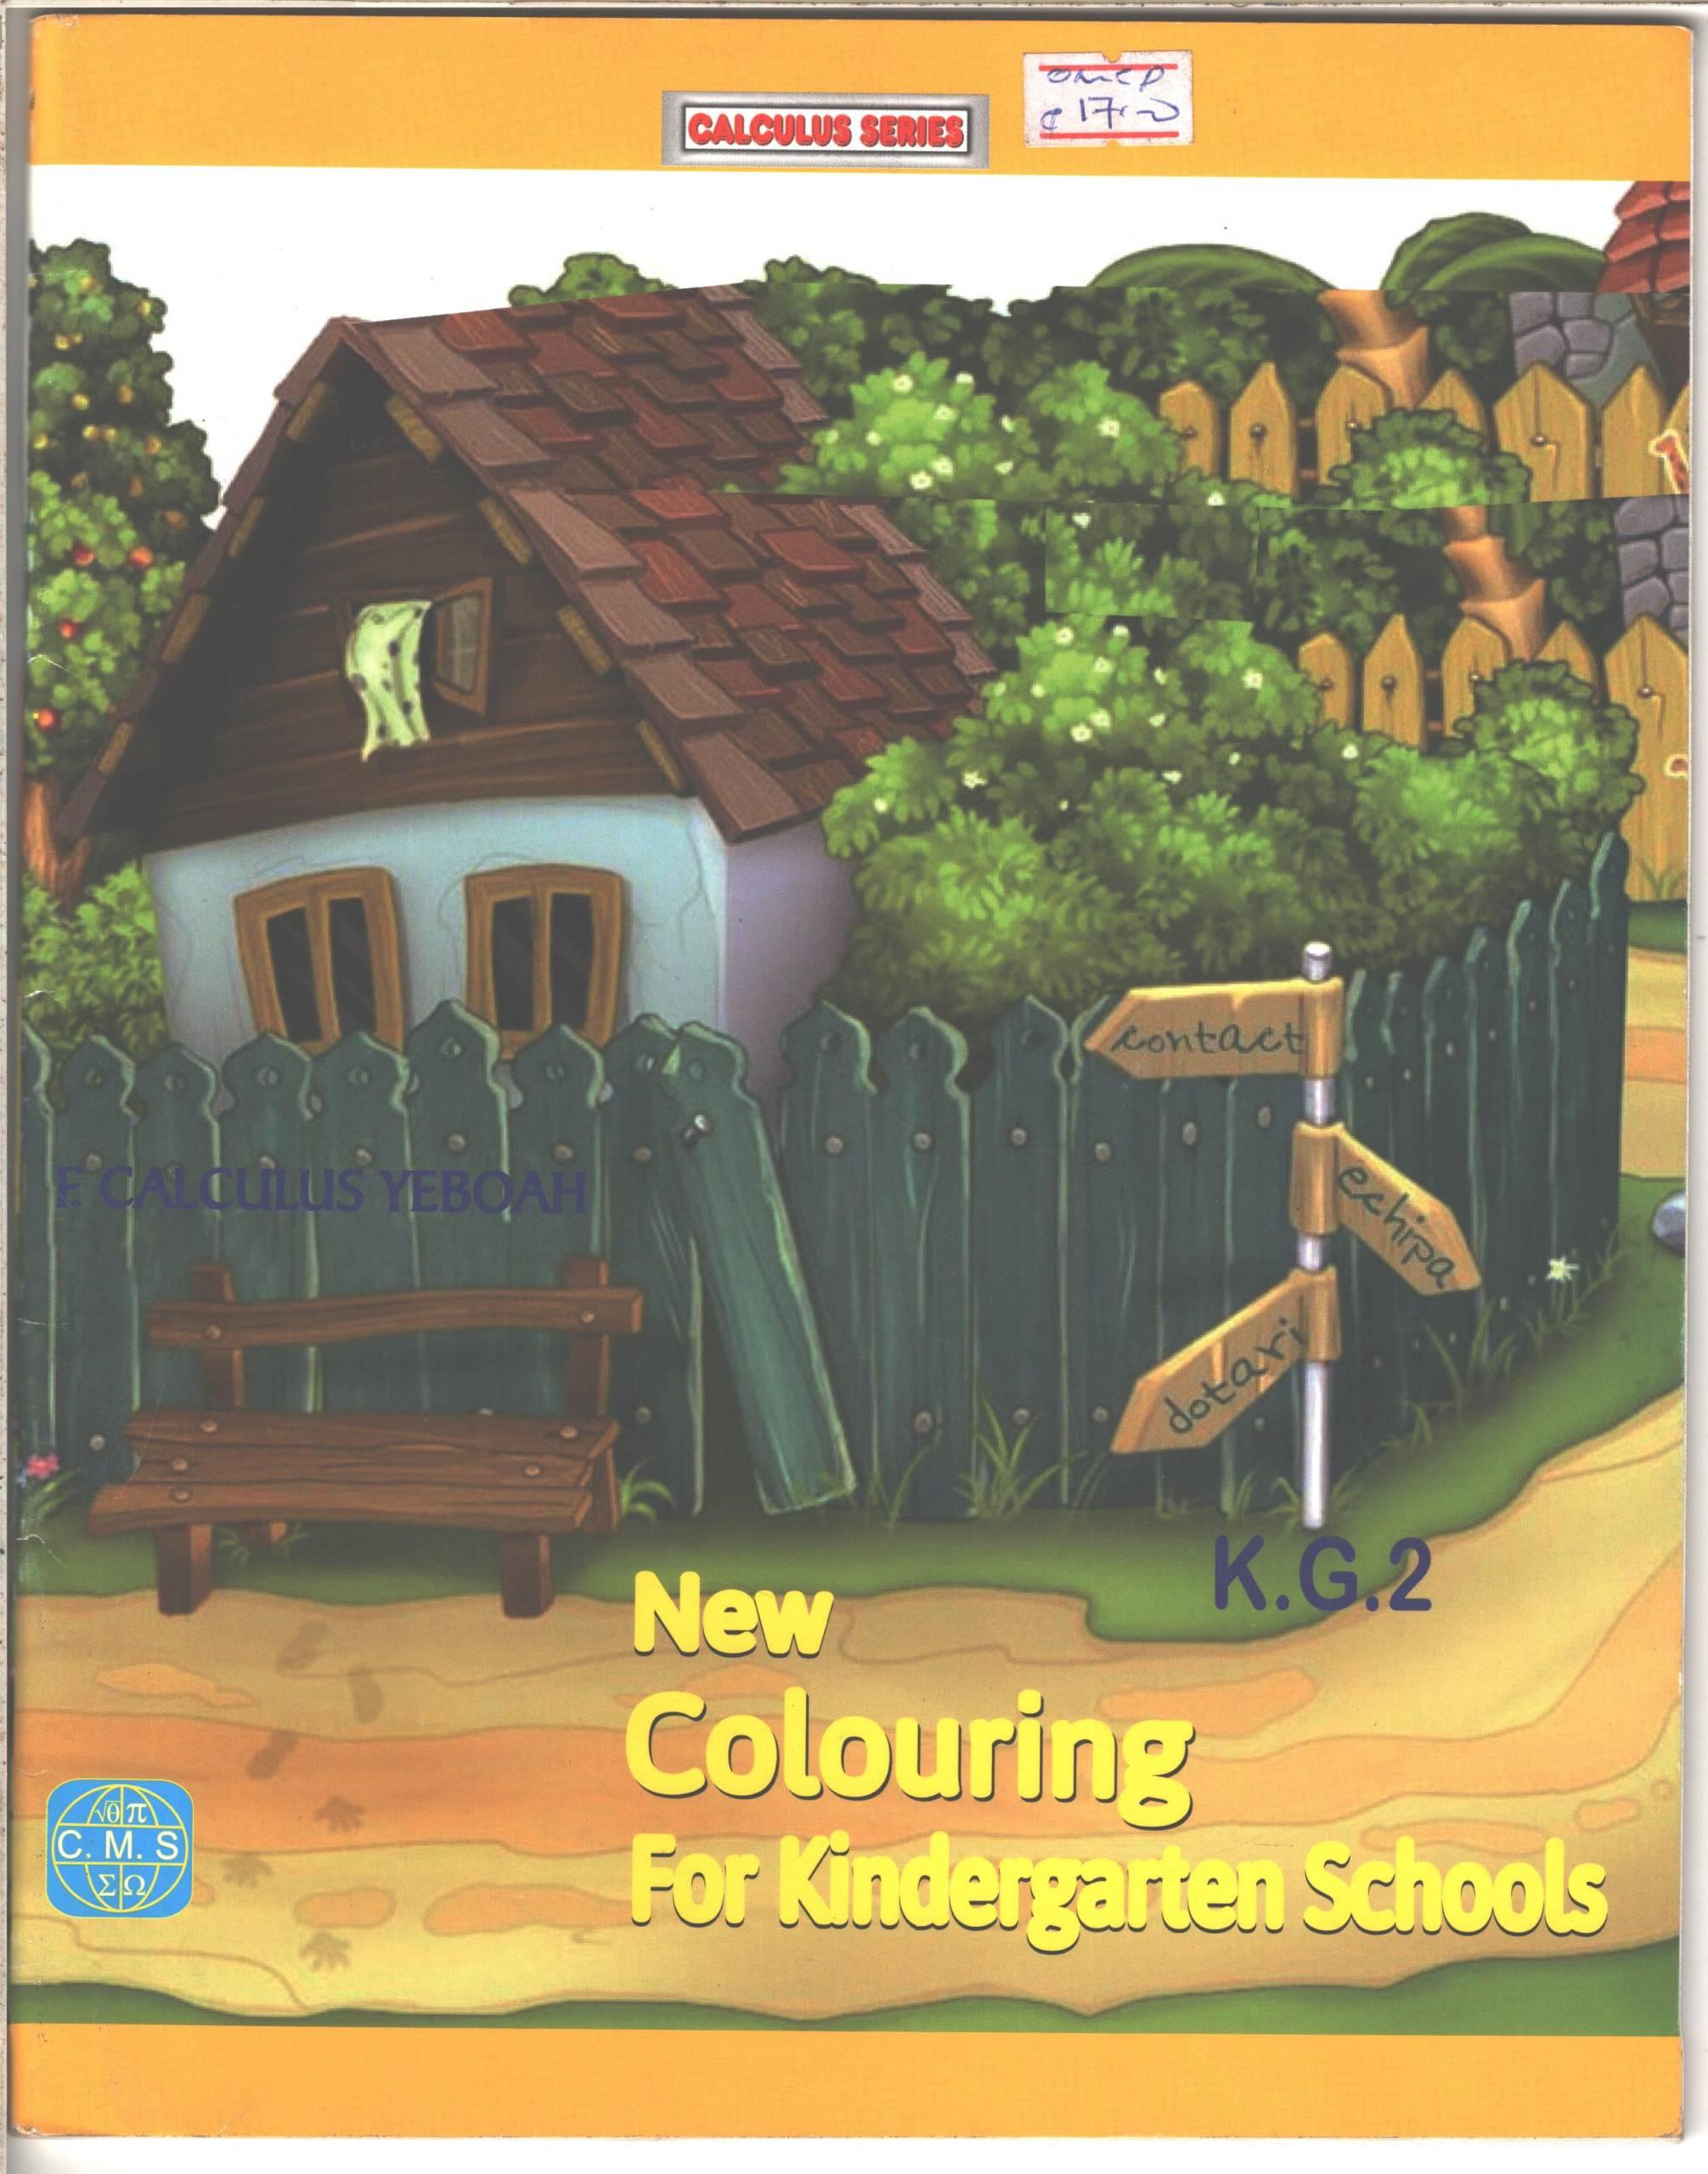 New Colouring For Kindergarten Schools K.G.2 (Calculus Series)